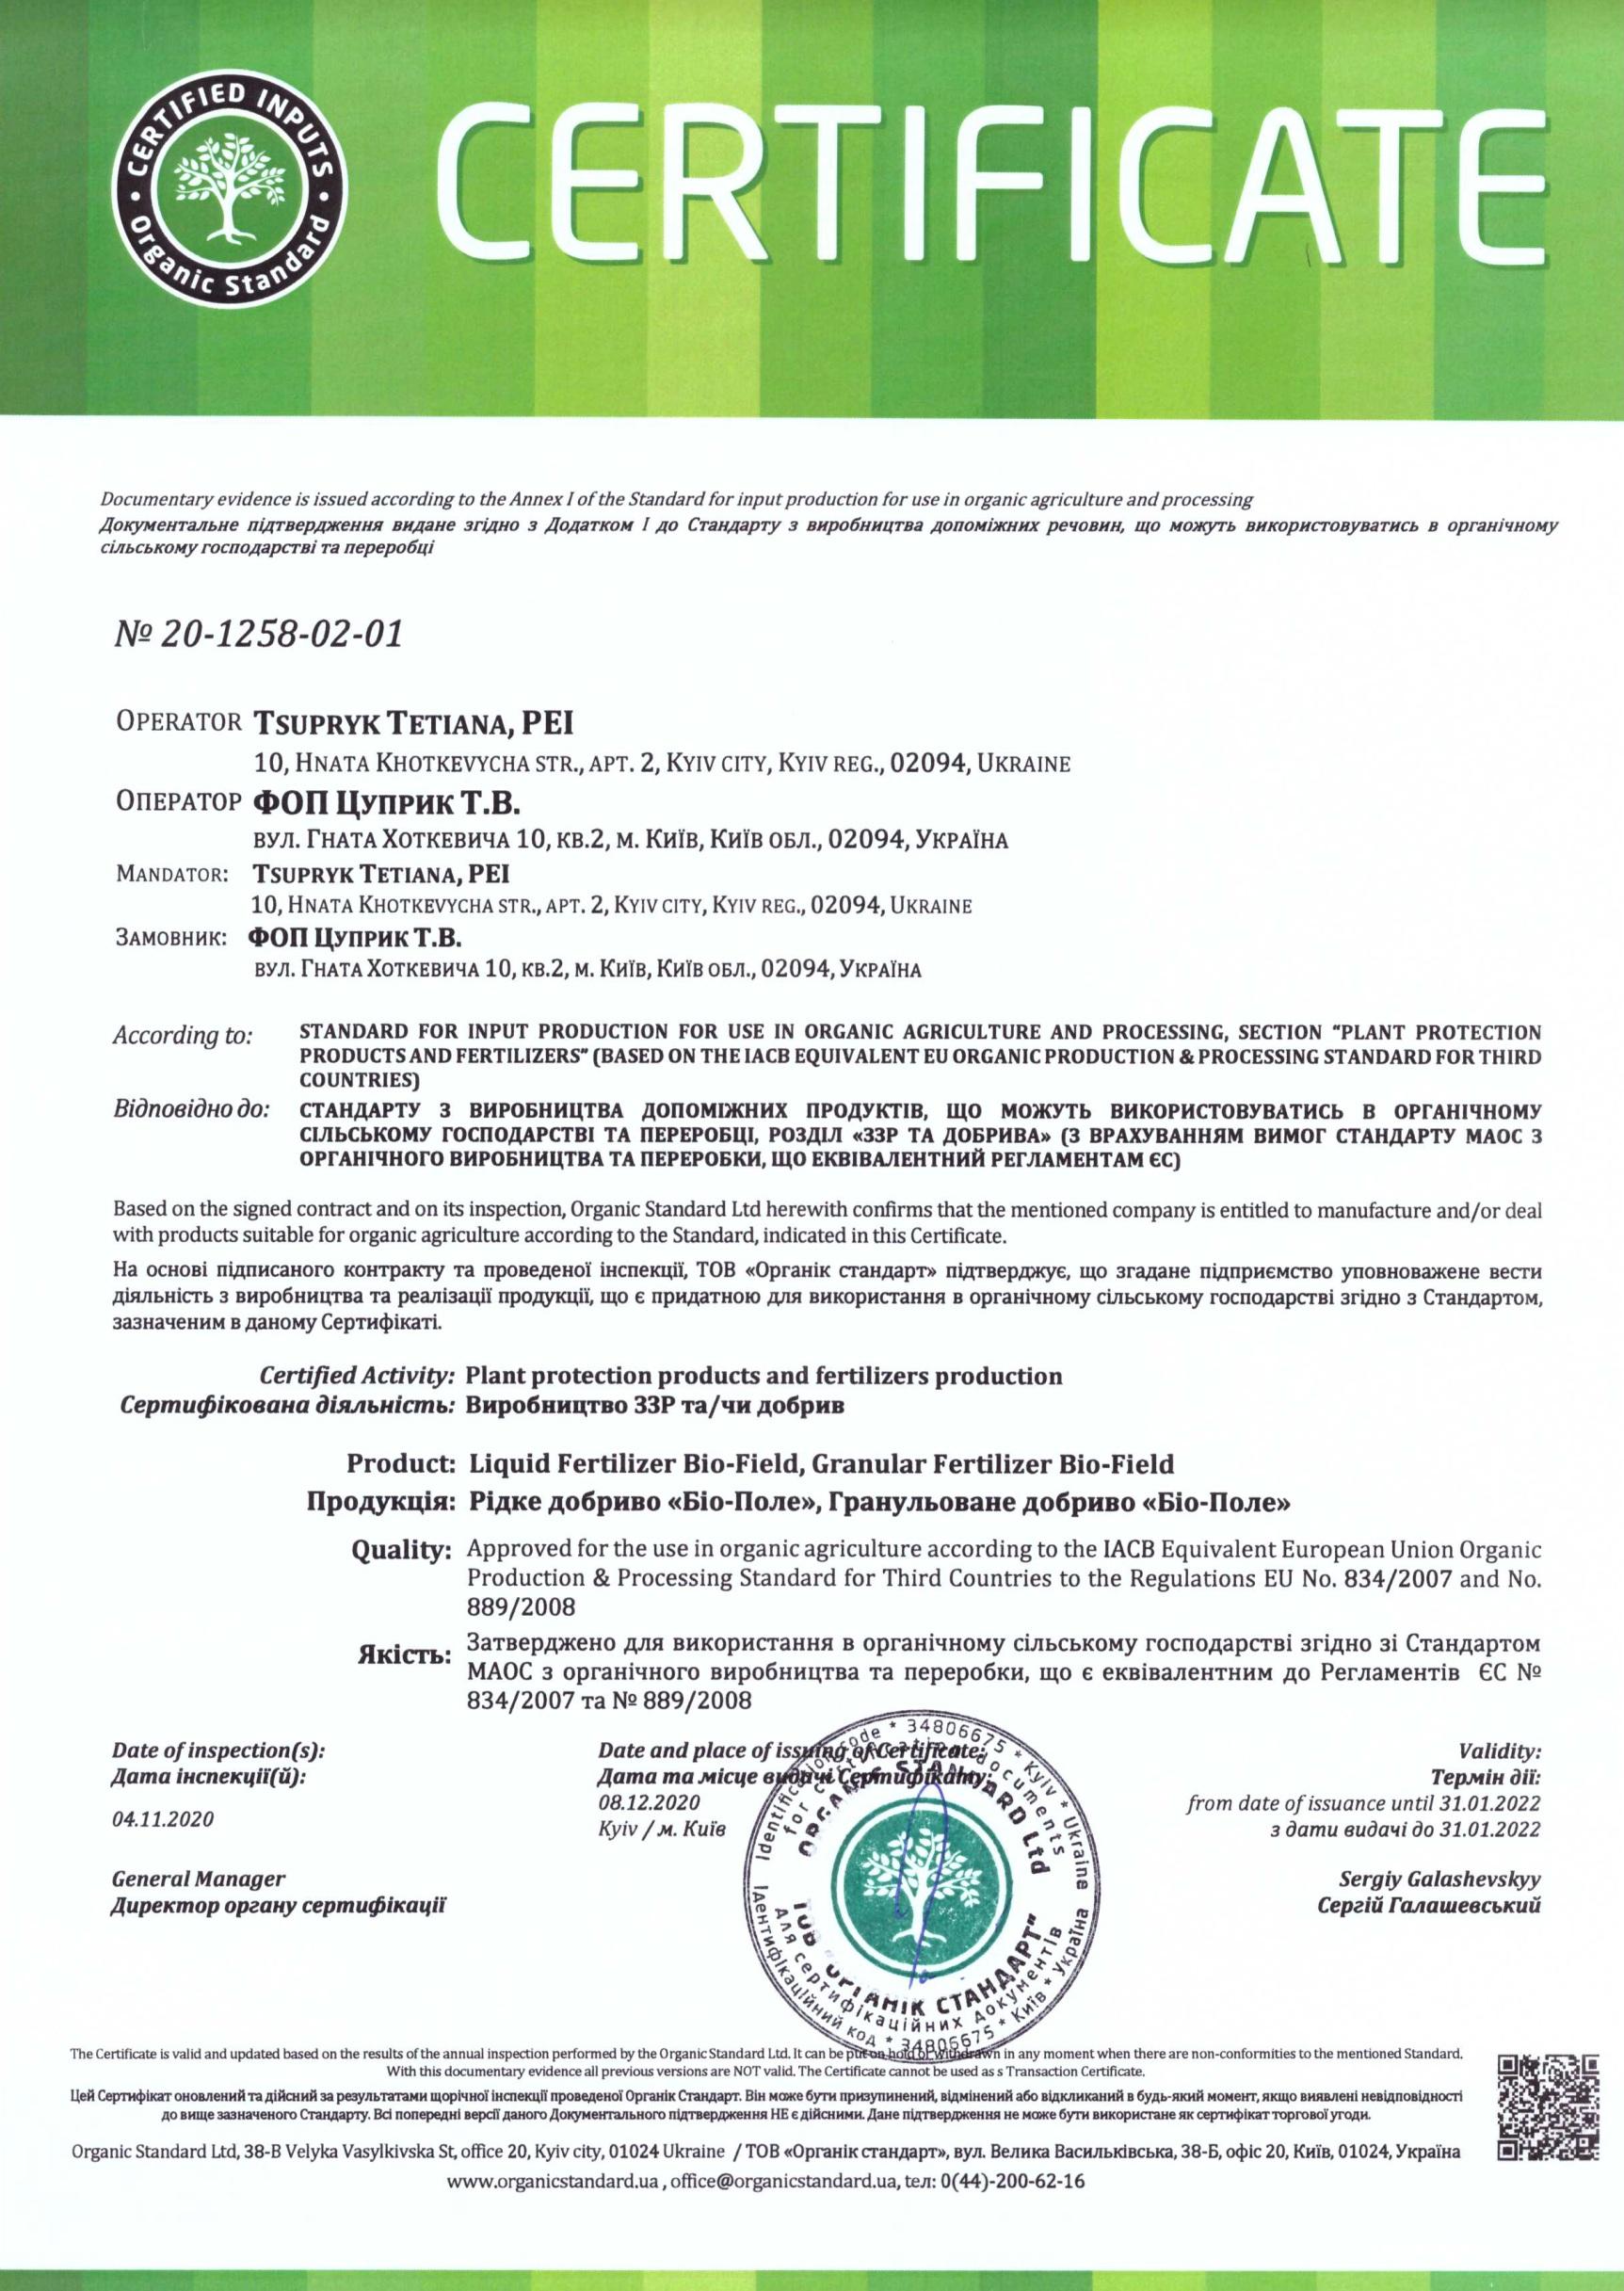 Certificates - Organic Fertilizer (Granular & Liquid) - The